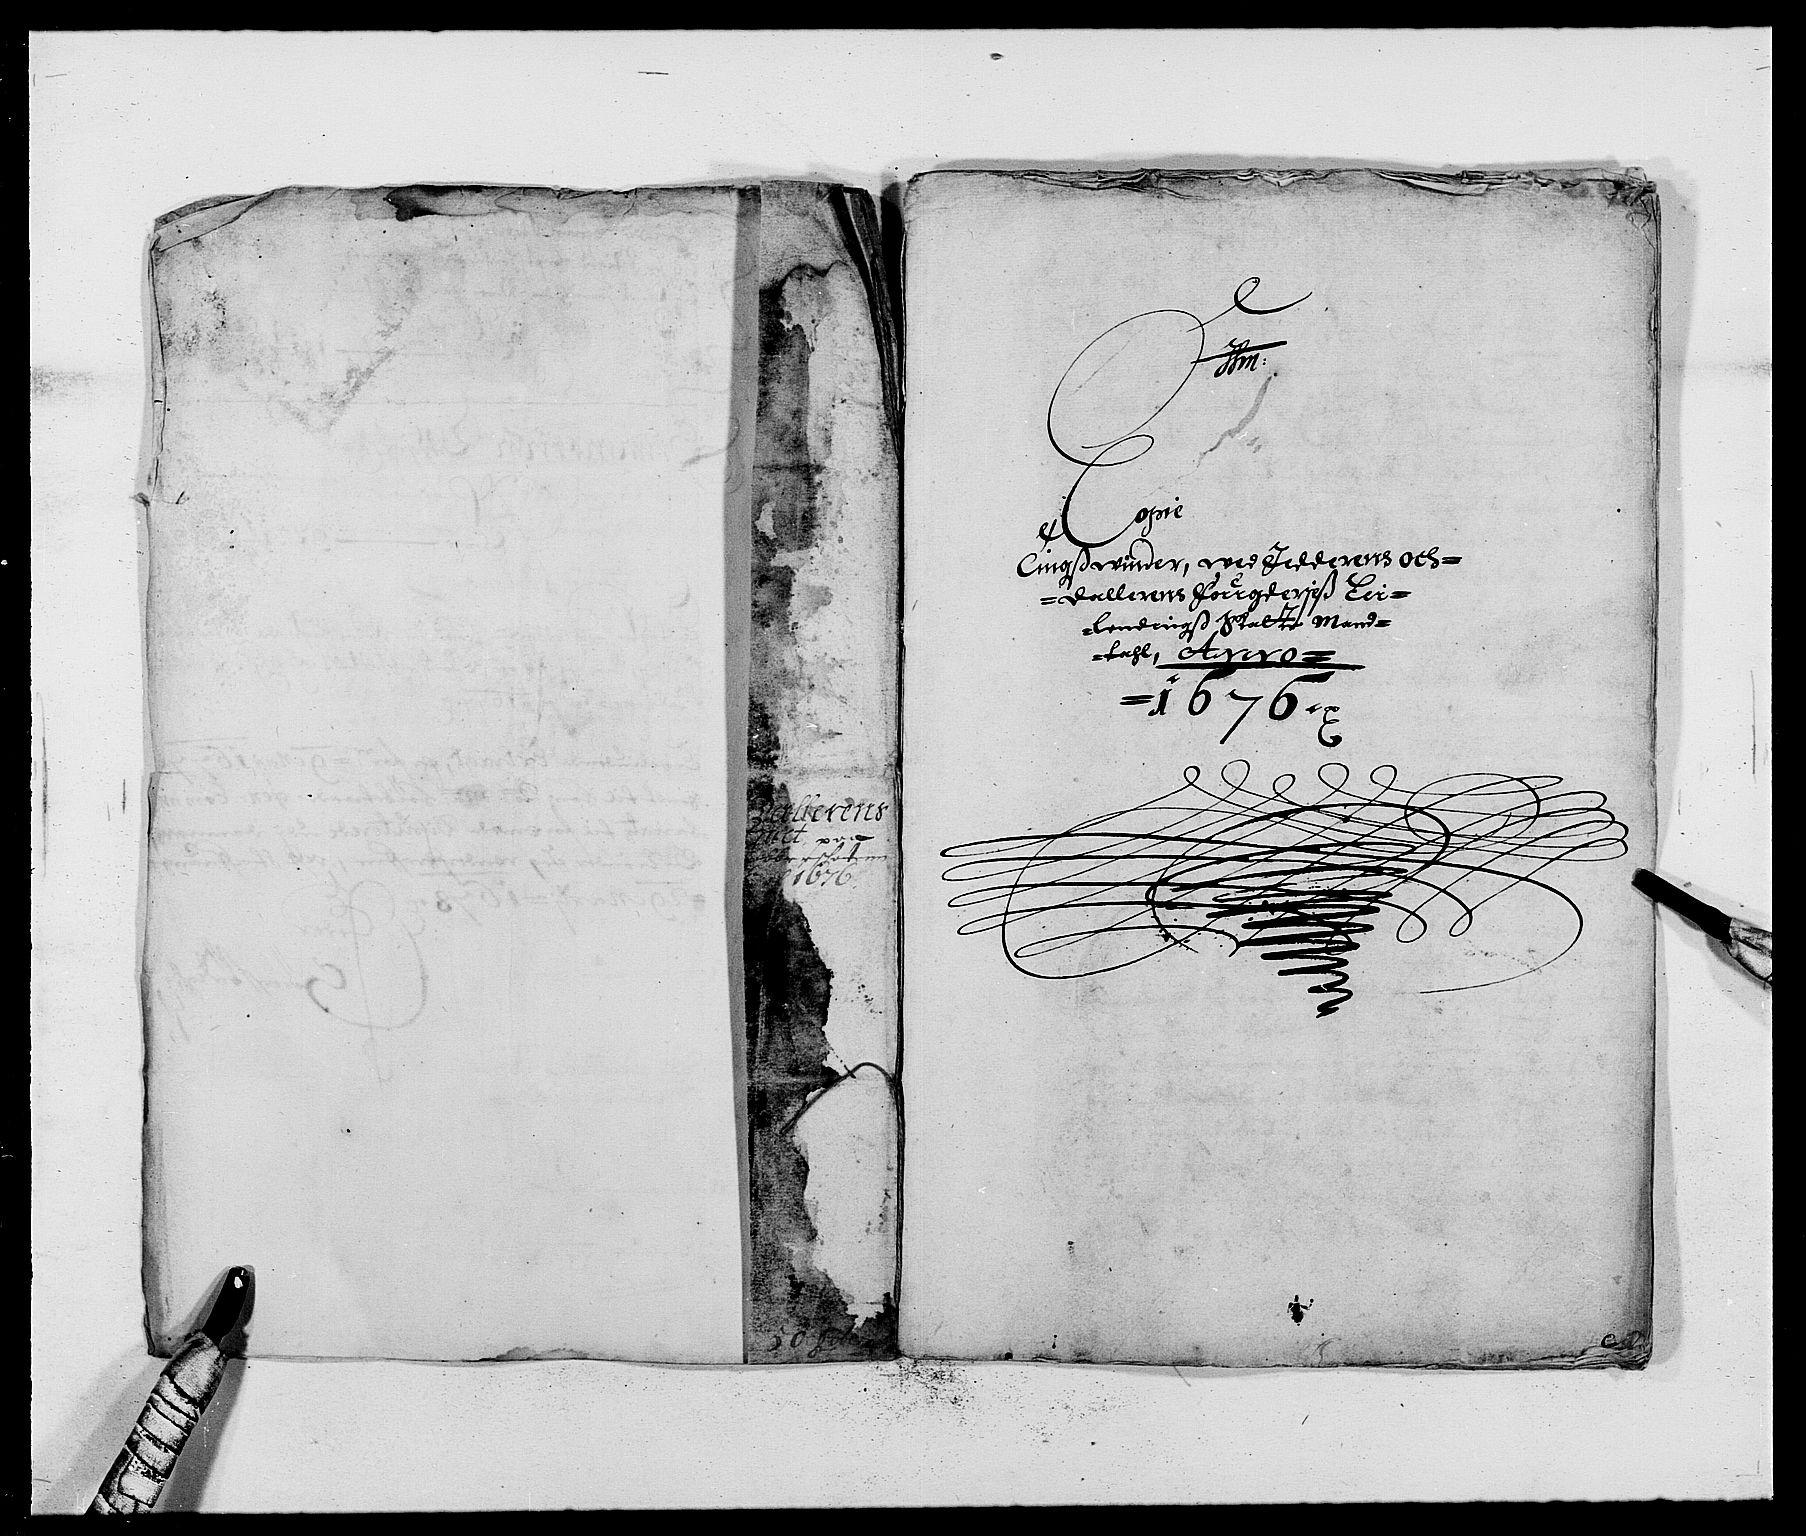 RA, Rentekammeret inntil 1814, Reviderte regnskaper, Fogderegnskap, R46/L2716: Fogderegnskap Jæren og Dalane, 1676, s. 374